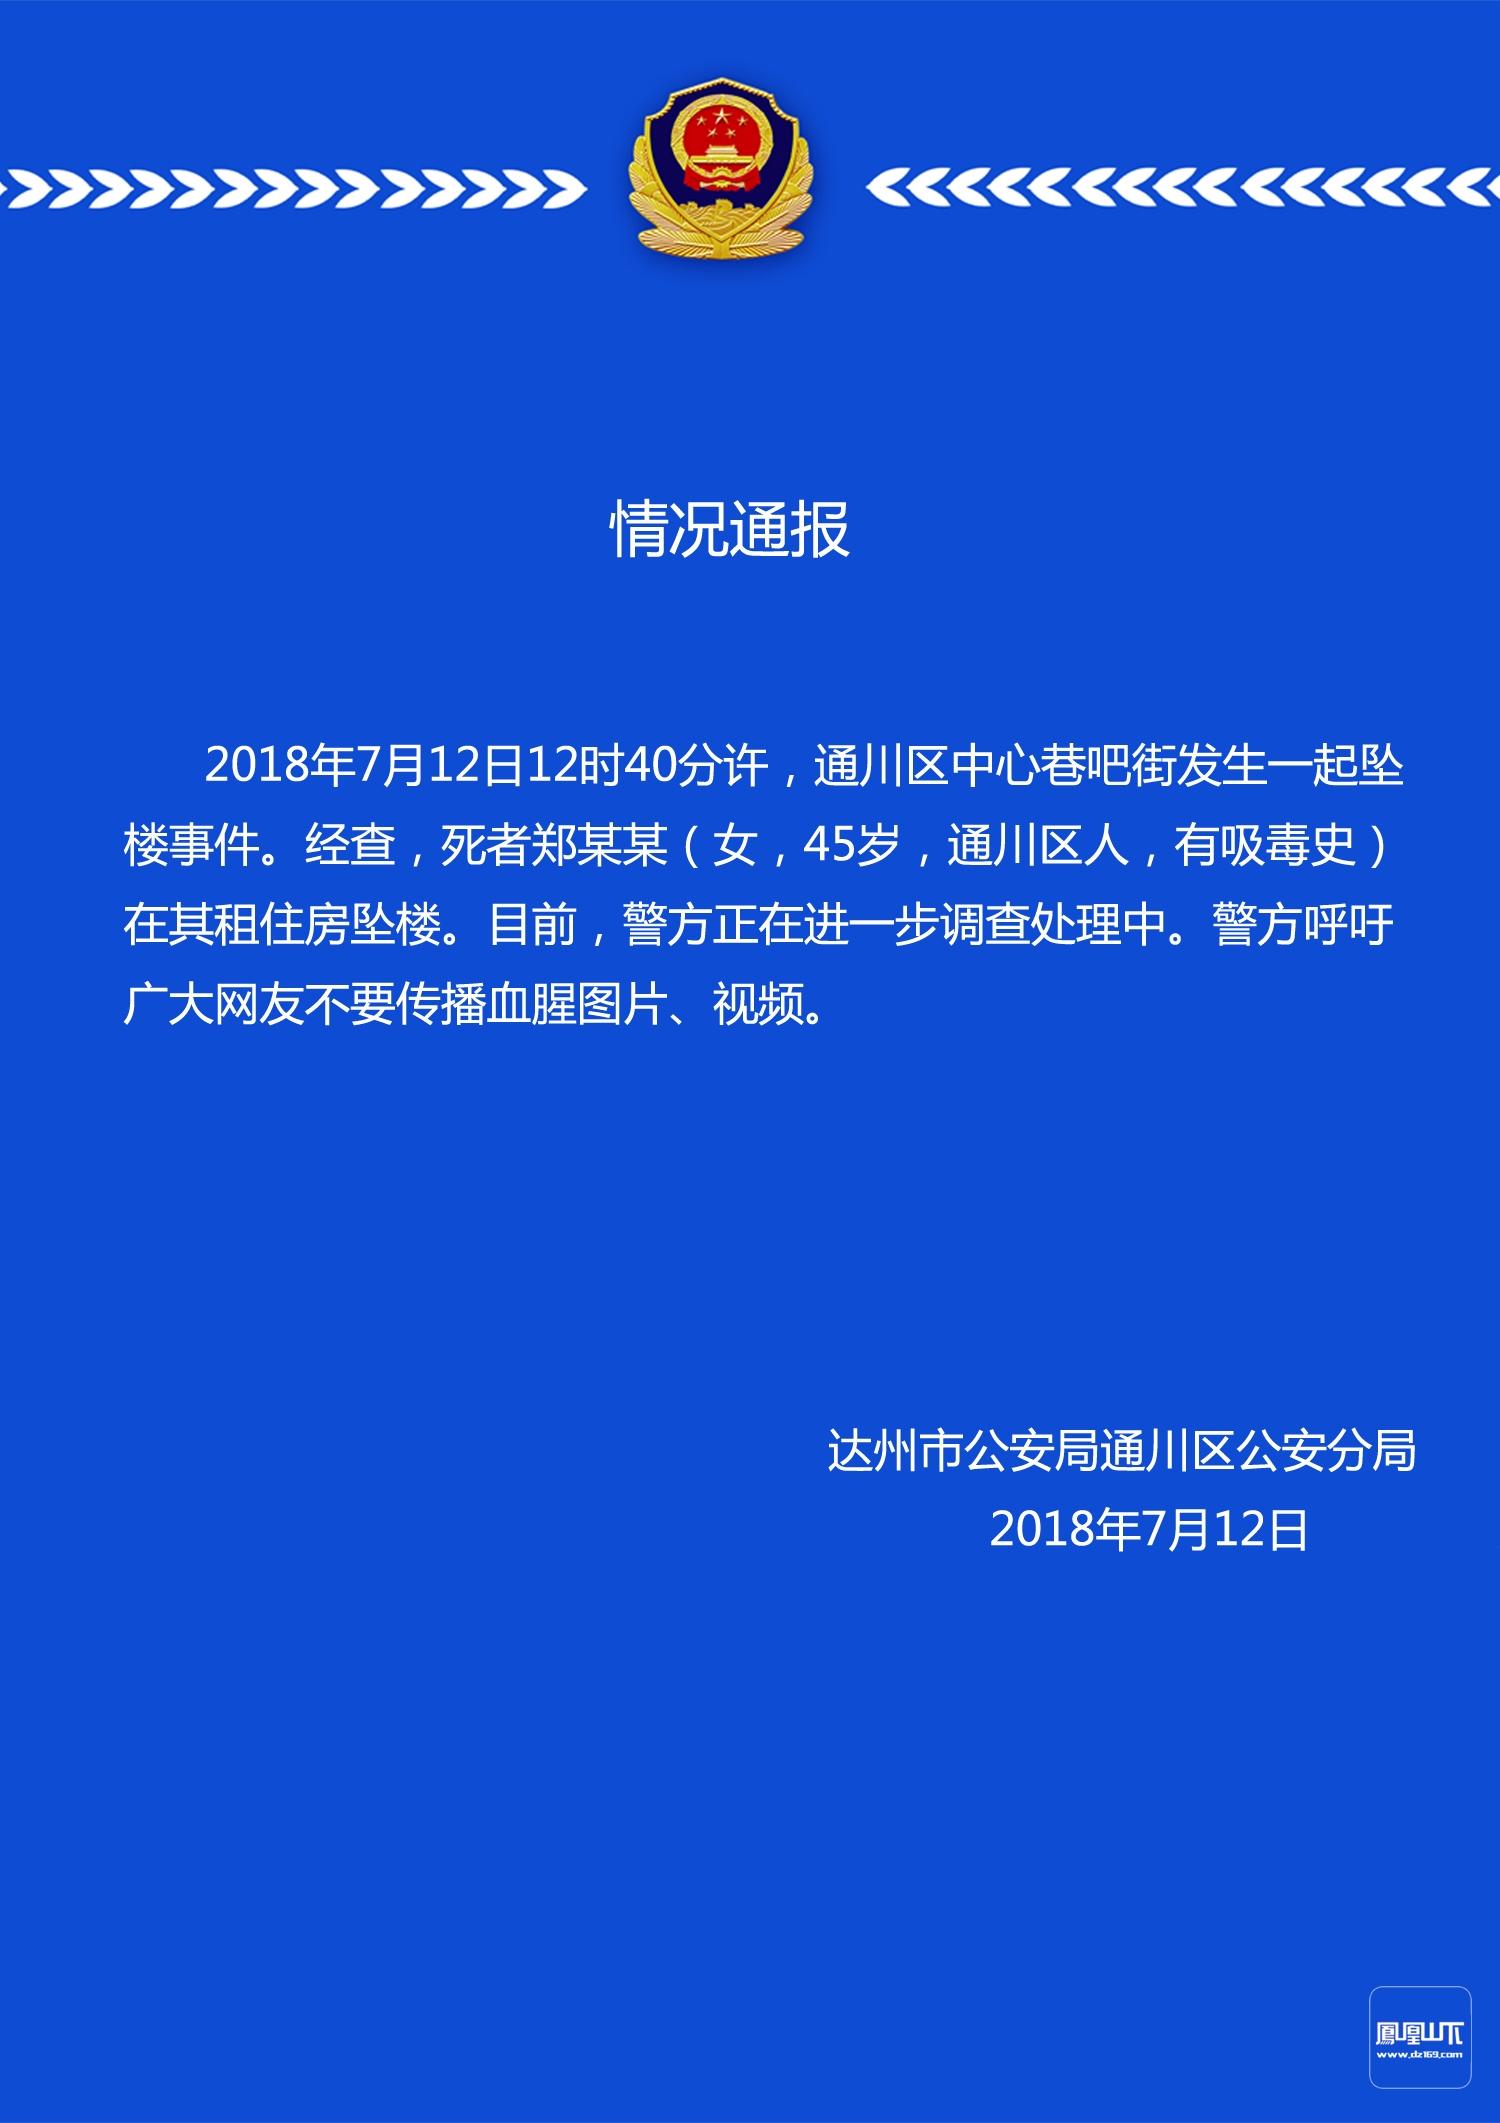 2018.7.12舆情通报.jpg